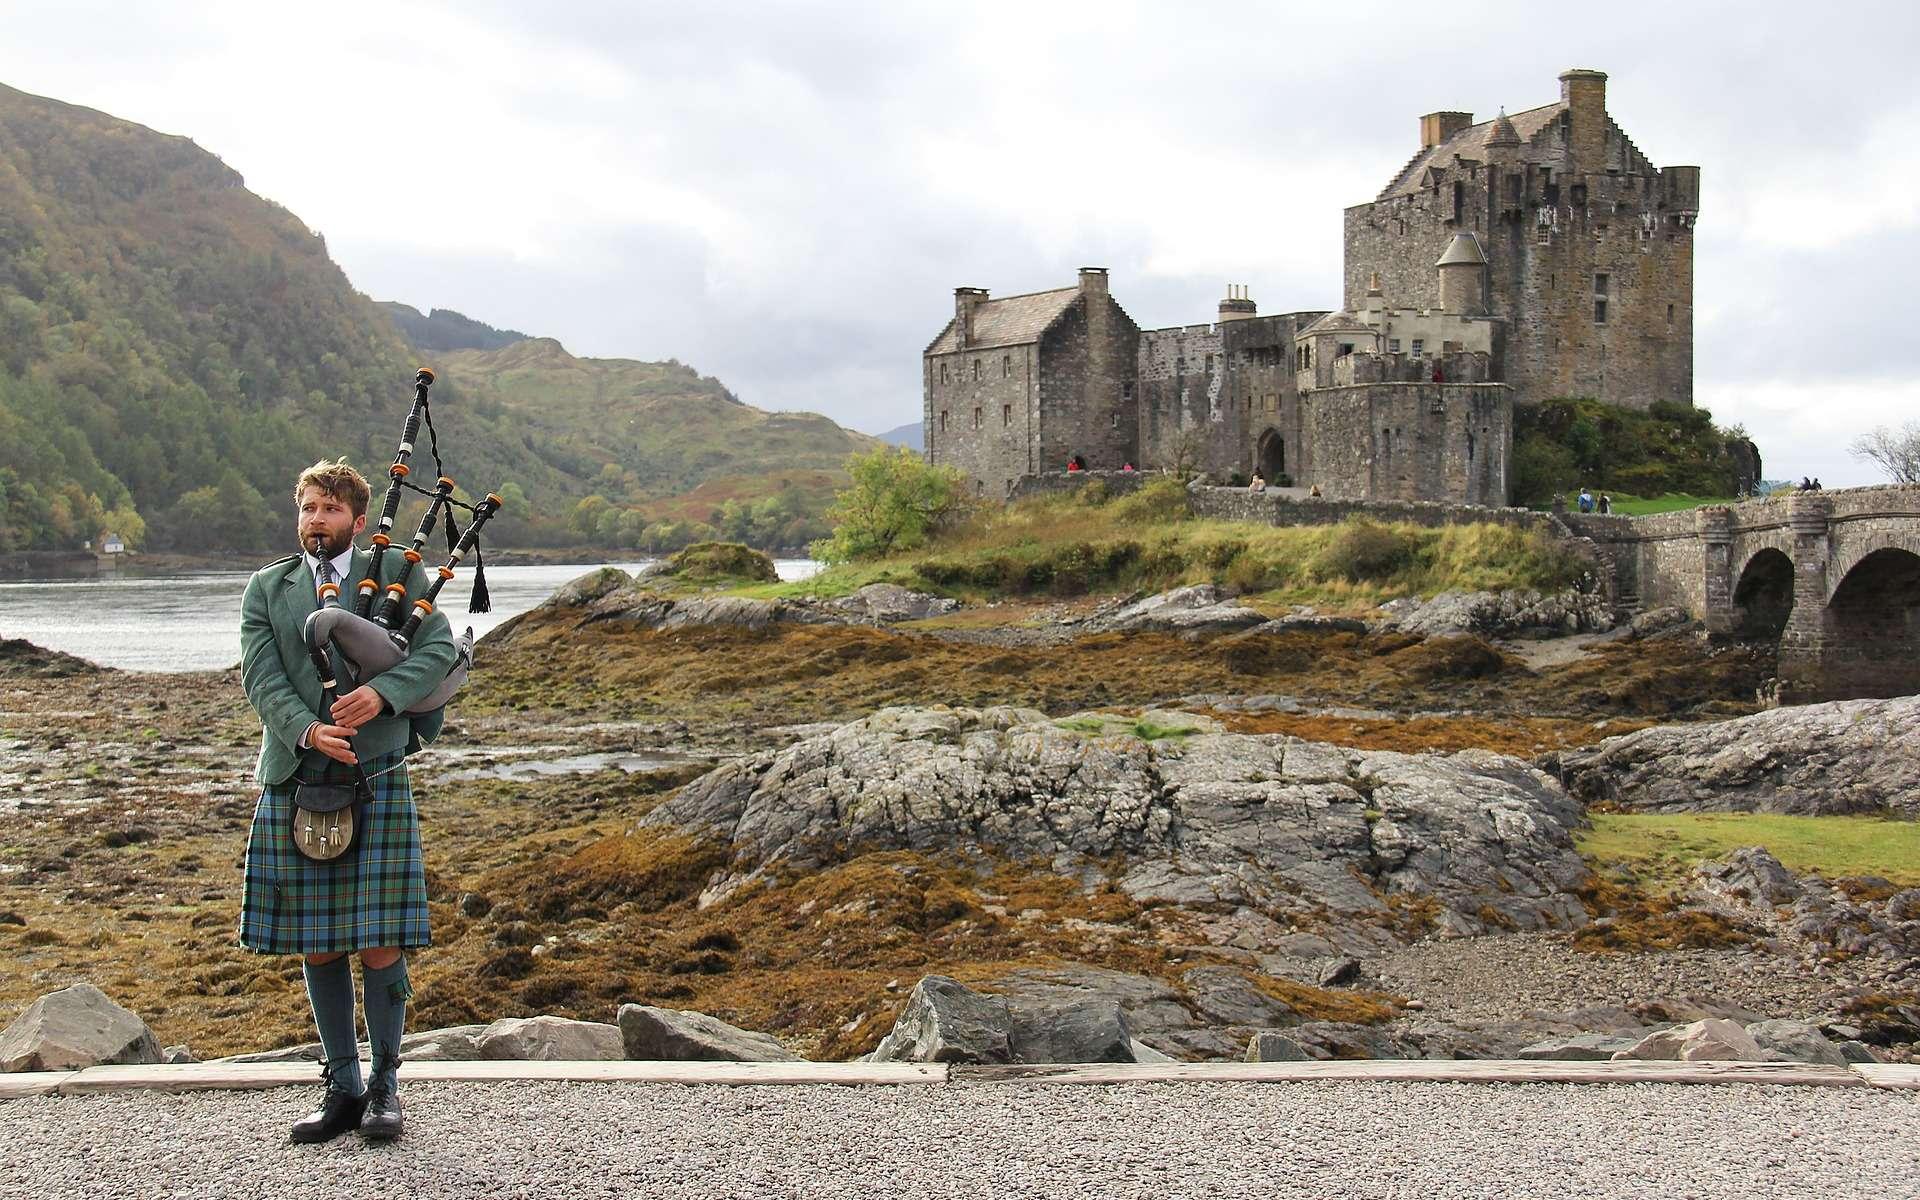 Le kilt est le vêtement typique de l'Écosse. © sharonang, Pixabay, CC0 Creative Commons